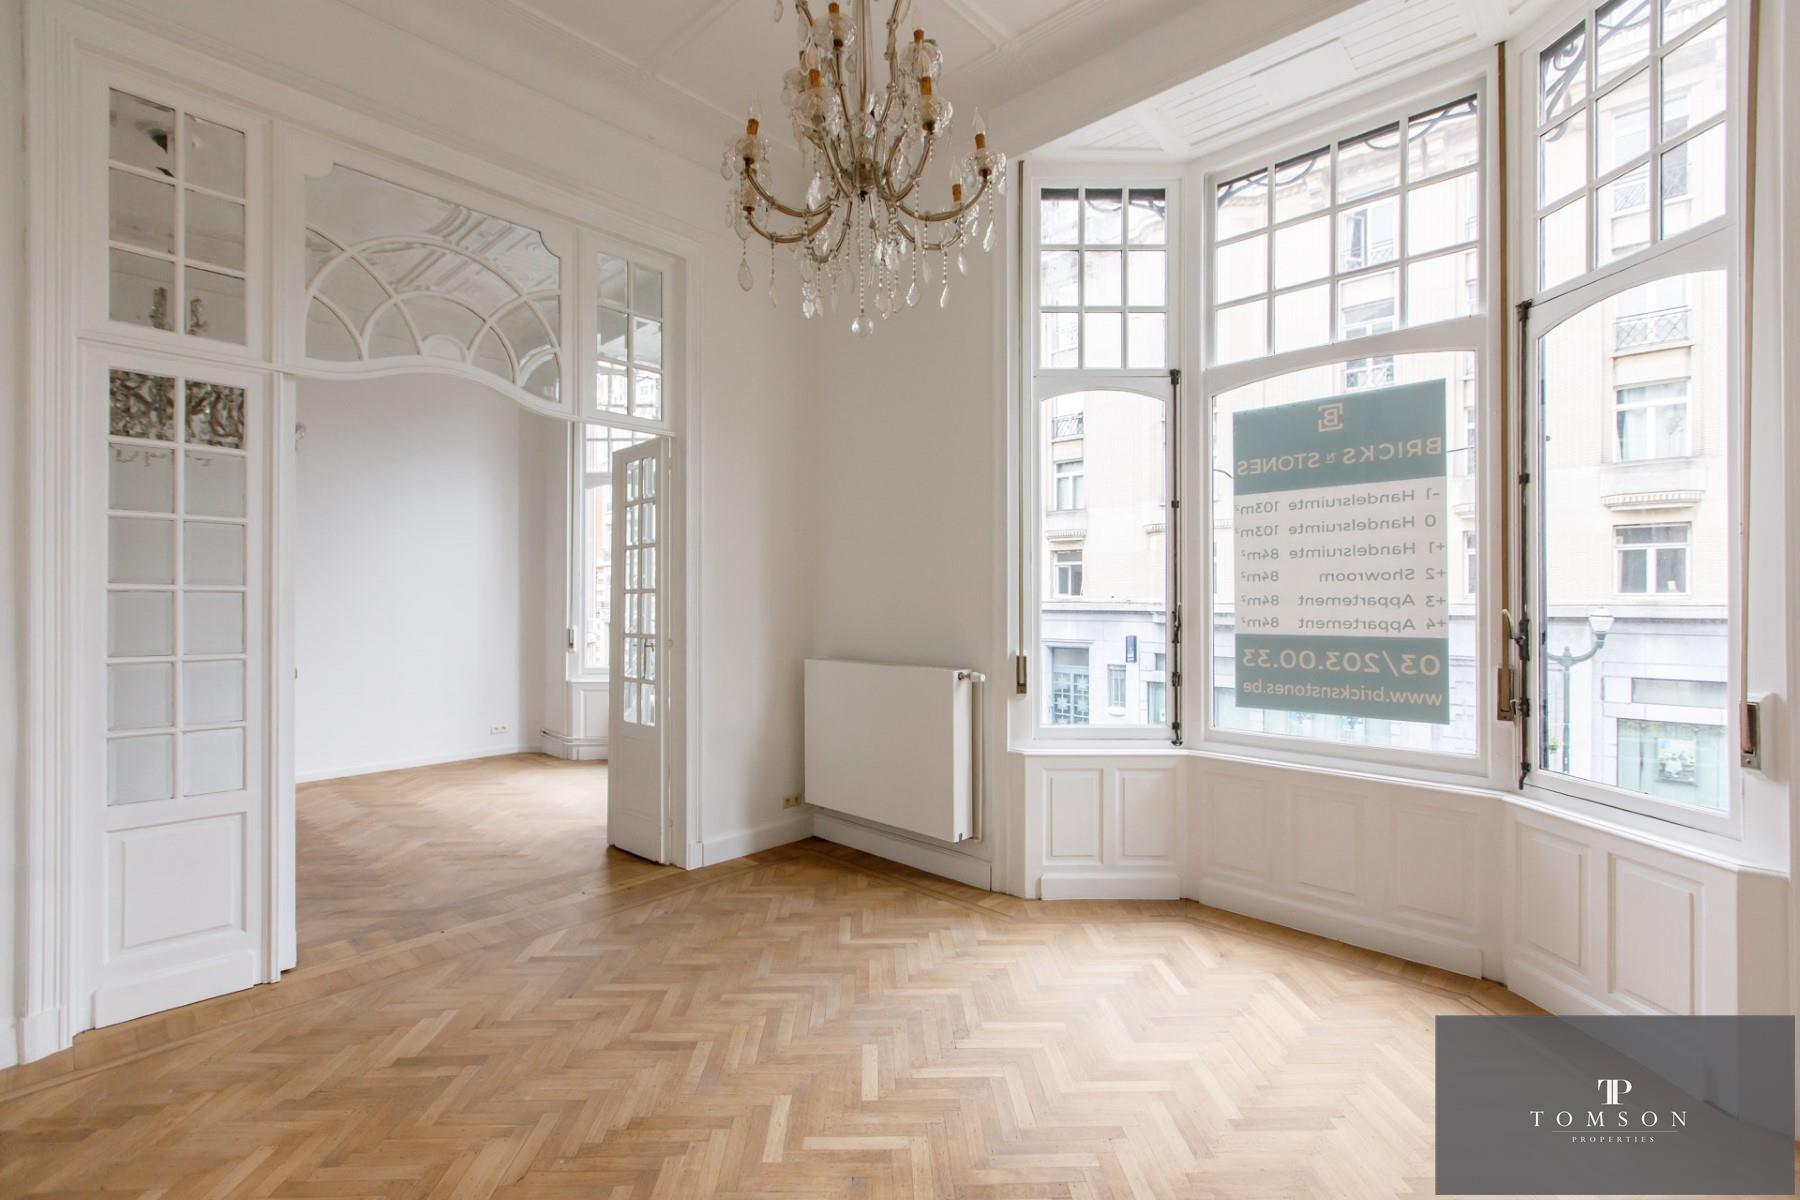 Apartment block  - Bruxelles - #3686869-41